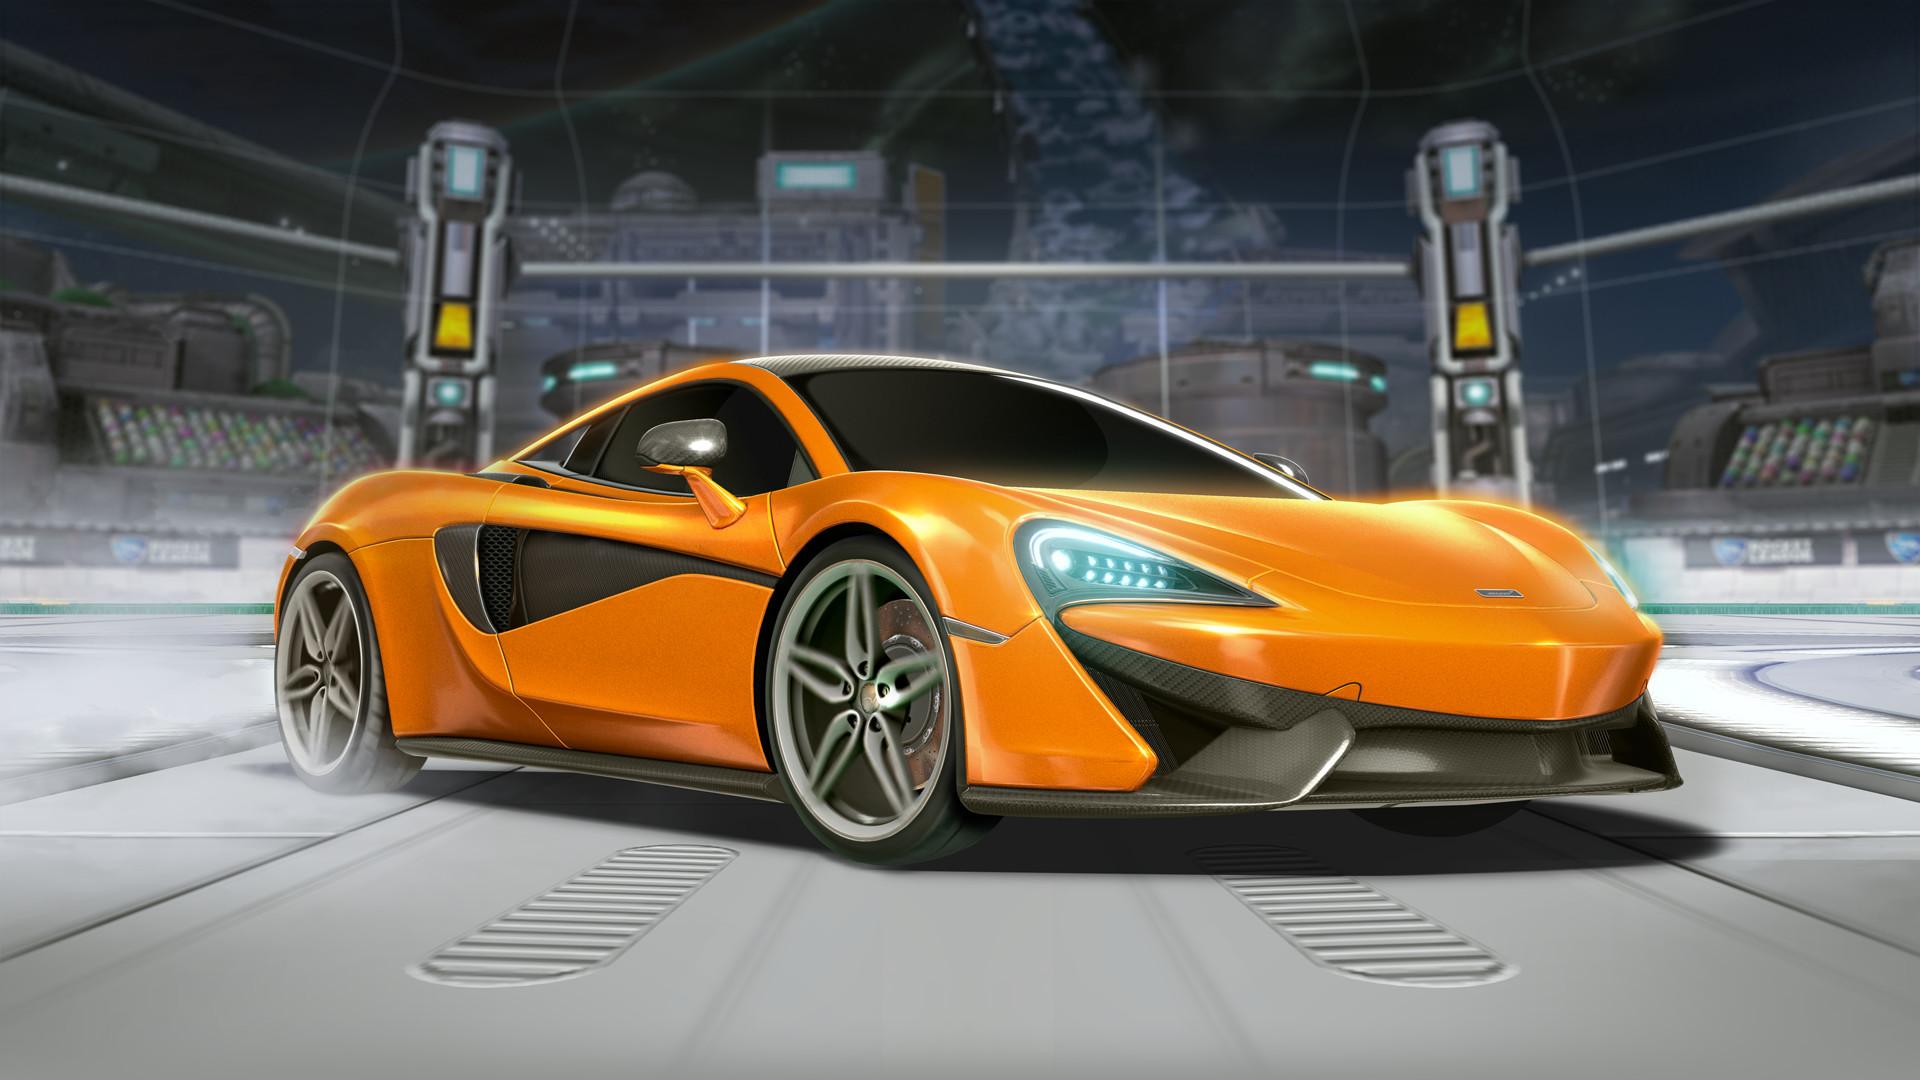 rocket league® - mclaren 570s car pack on steam